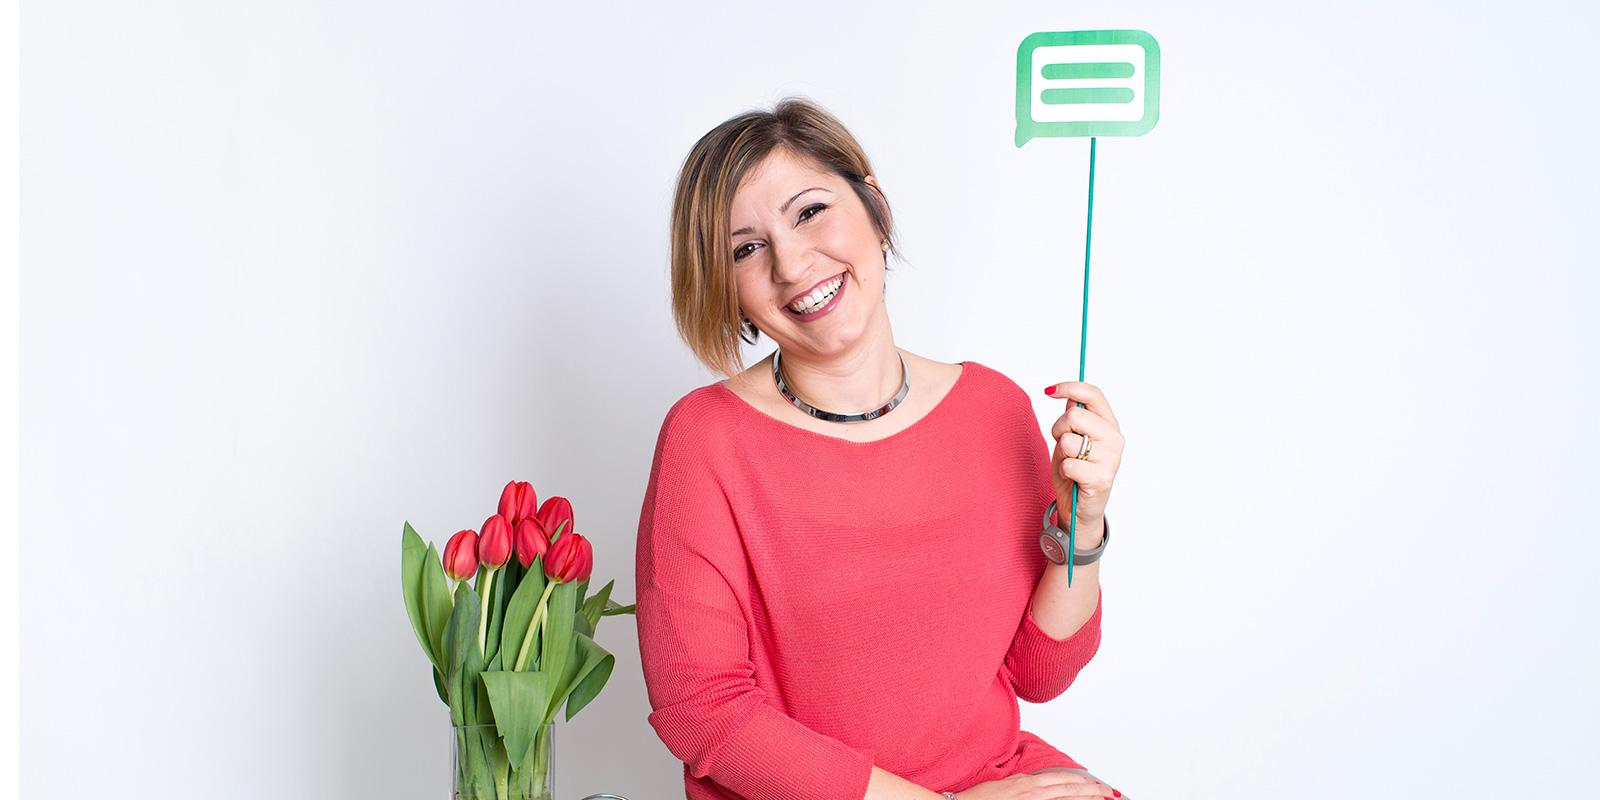 Claudia Mandarà Psicologa delle relazioni interpersonali - I Corsi